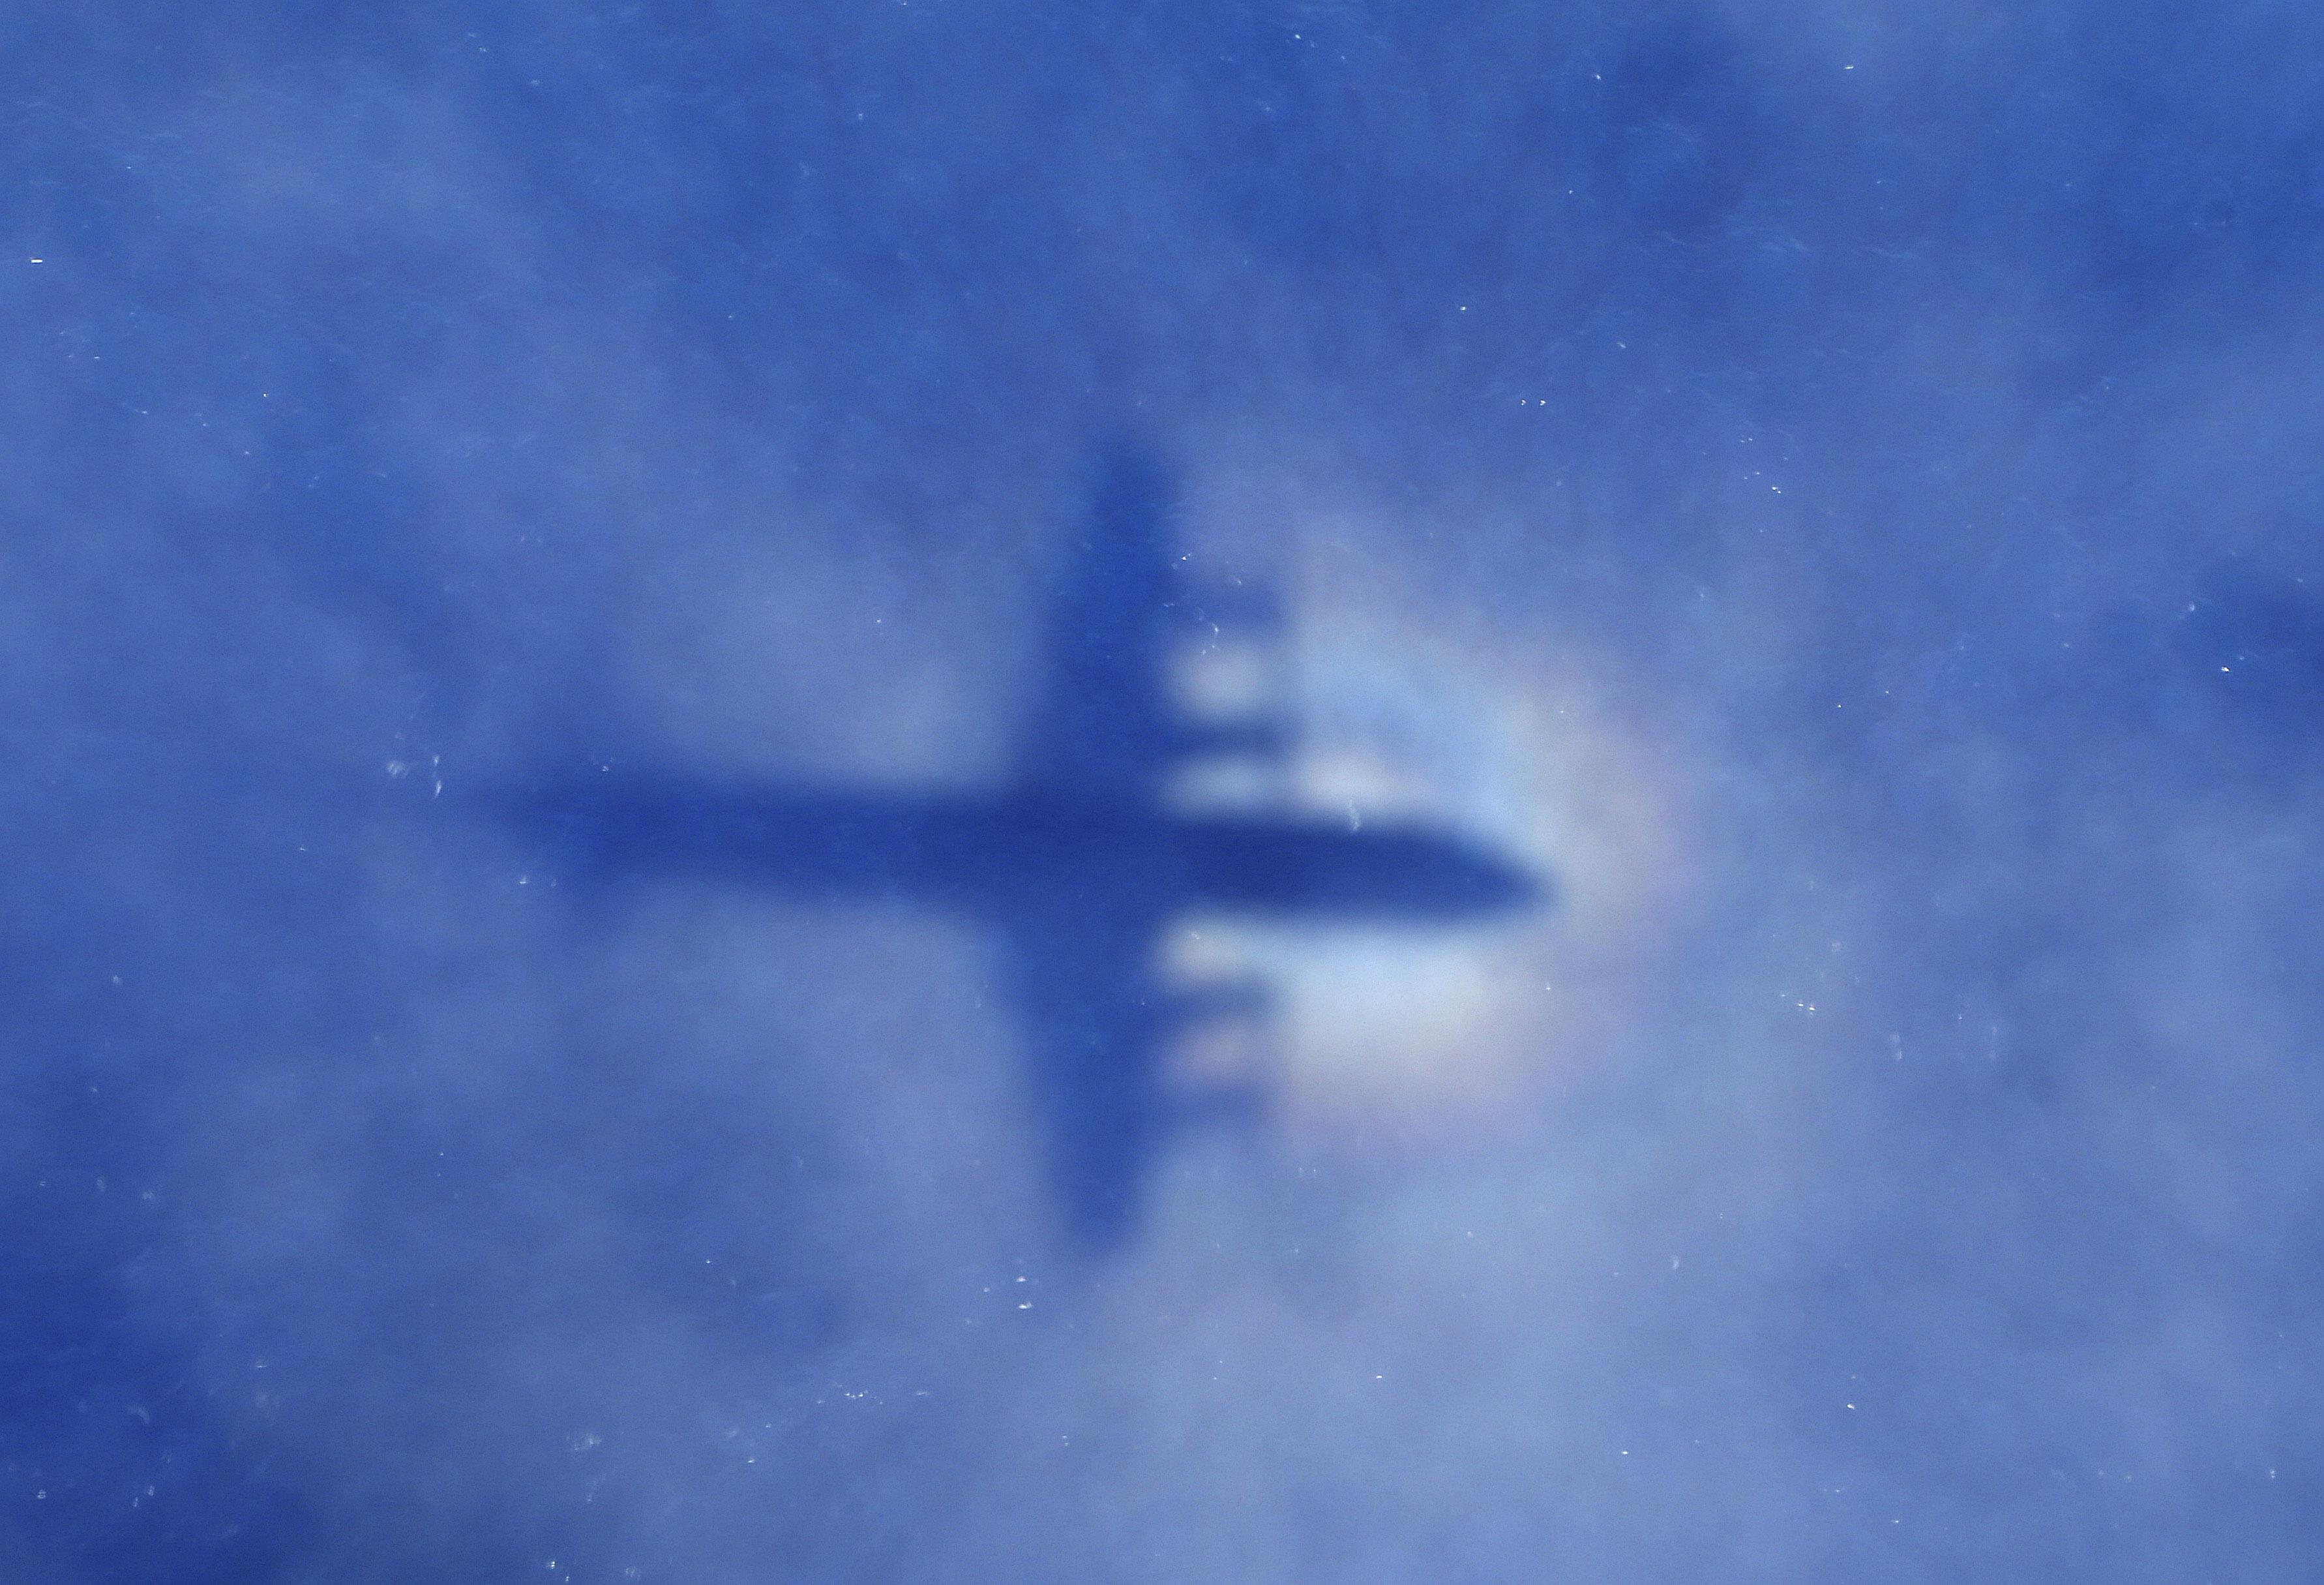 Malaysia Airlines MH370: Hinterbliebene akzeptieren die offizielle Unfall-Erklärung nicht